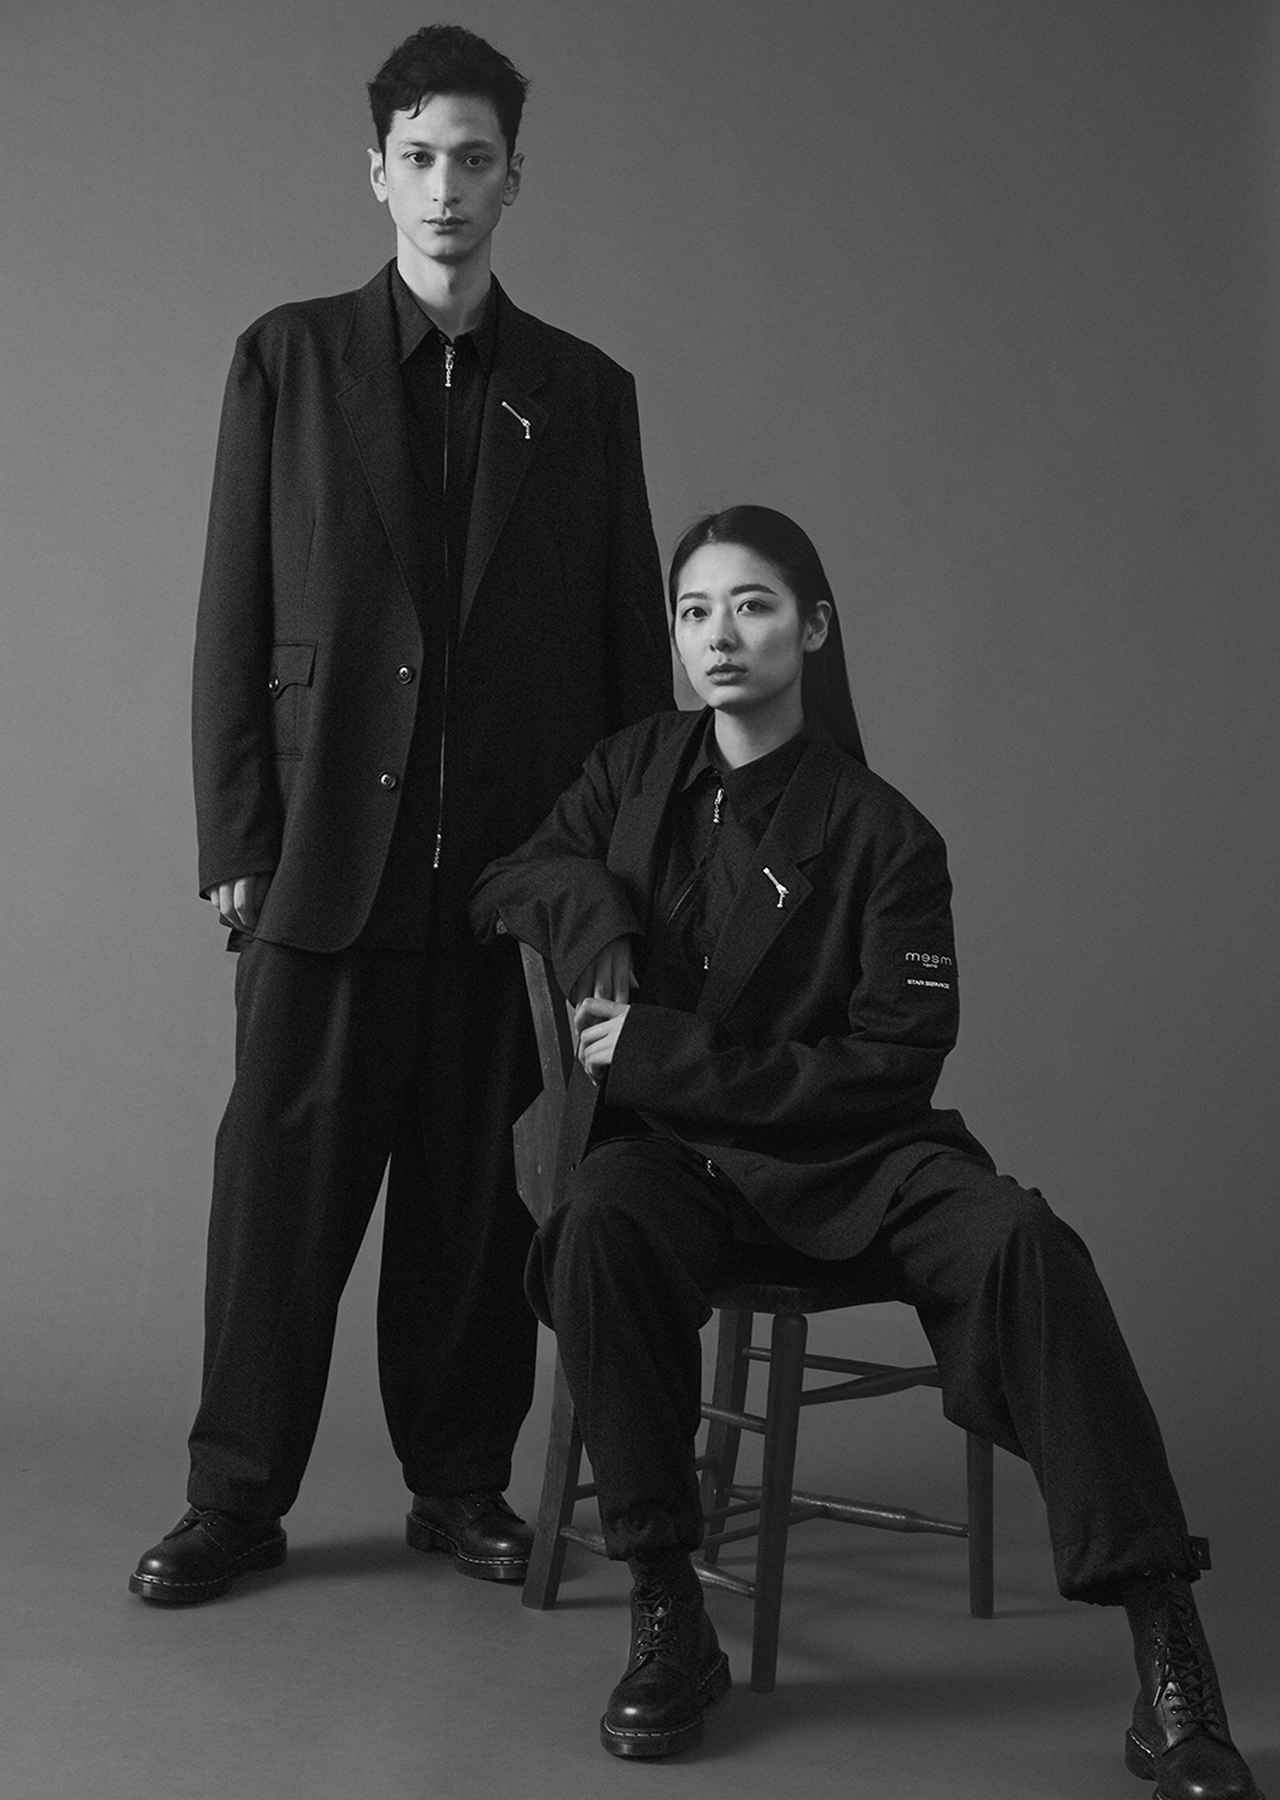 Images : 5番目の画像 - 「せきね きょうこ 連載 新・東京ホテル物語<Vol.61> 「メズム東京」」のアルバム - T JAPAN:The New York Times Style Magazine 公式サイト